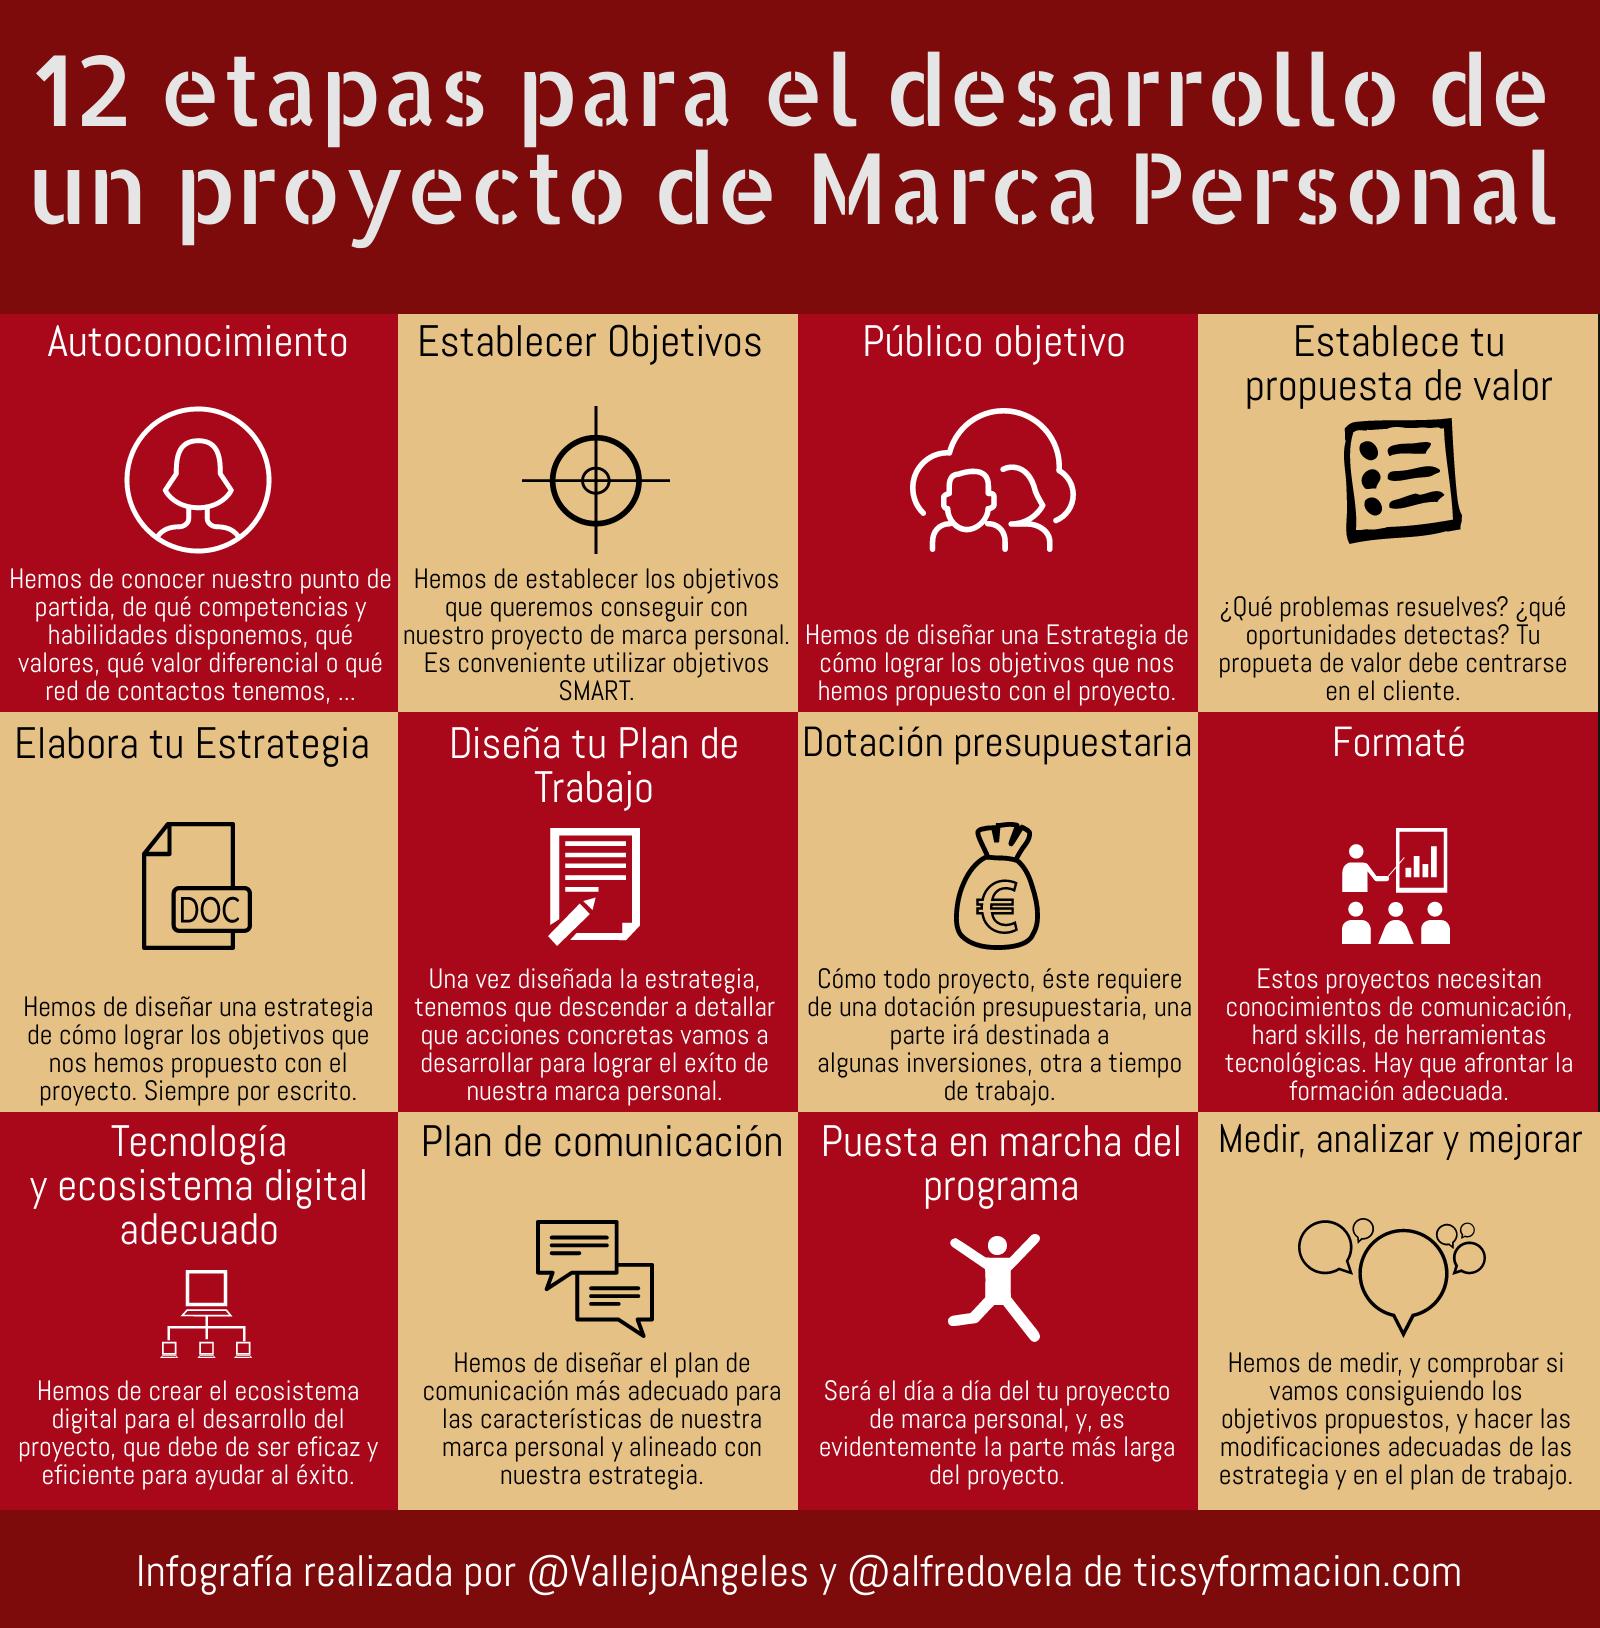 12 etapas para el desarrollo de un proyecto de Marca Personal #infografia #infographic #marcapersonal